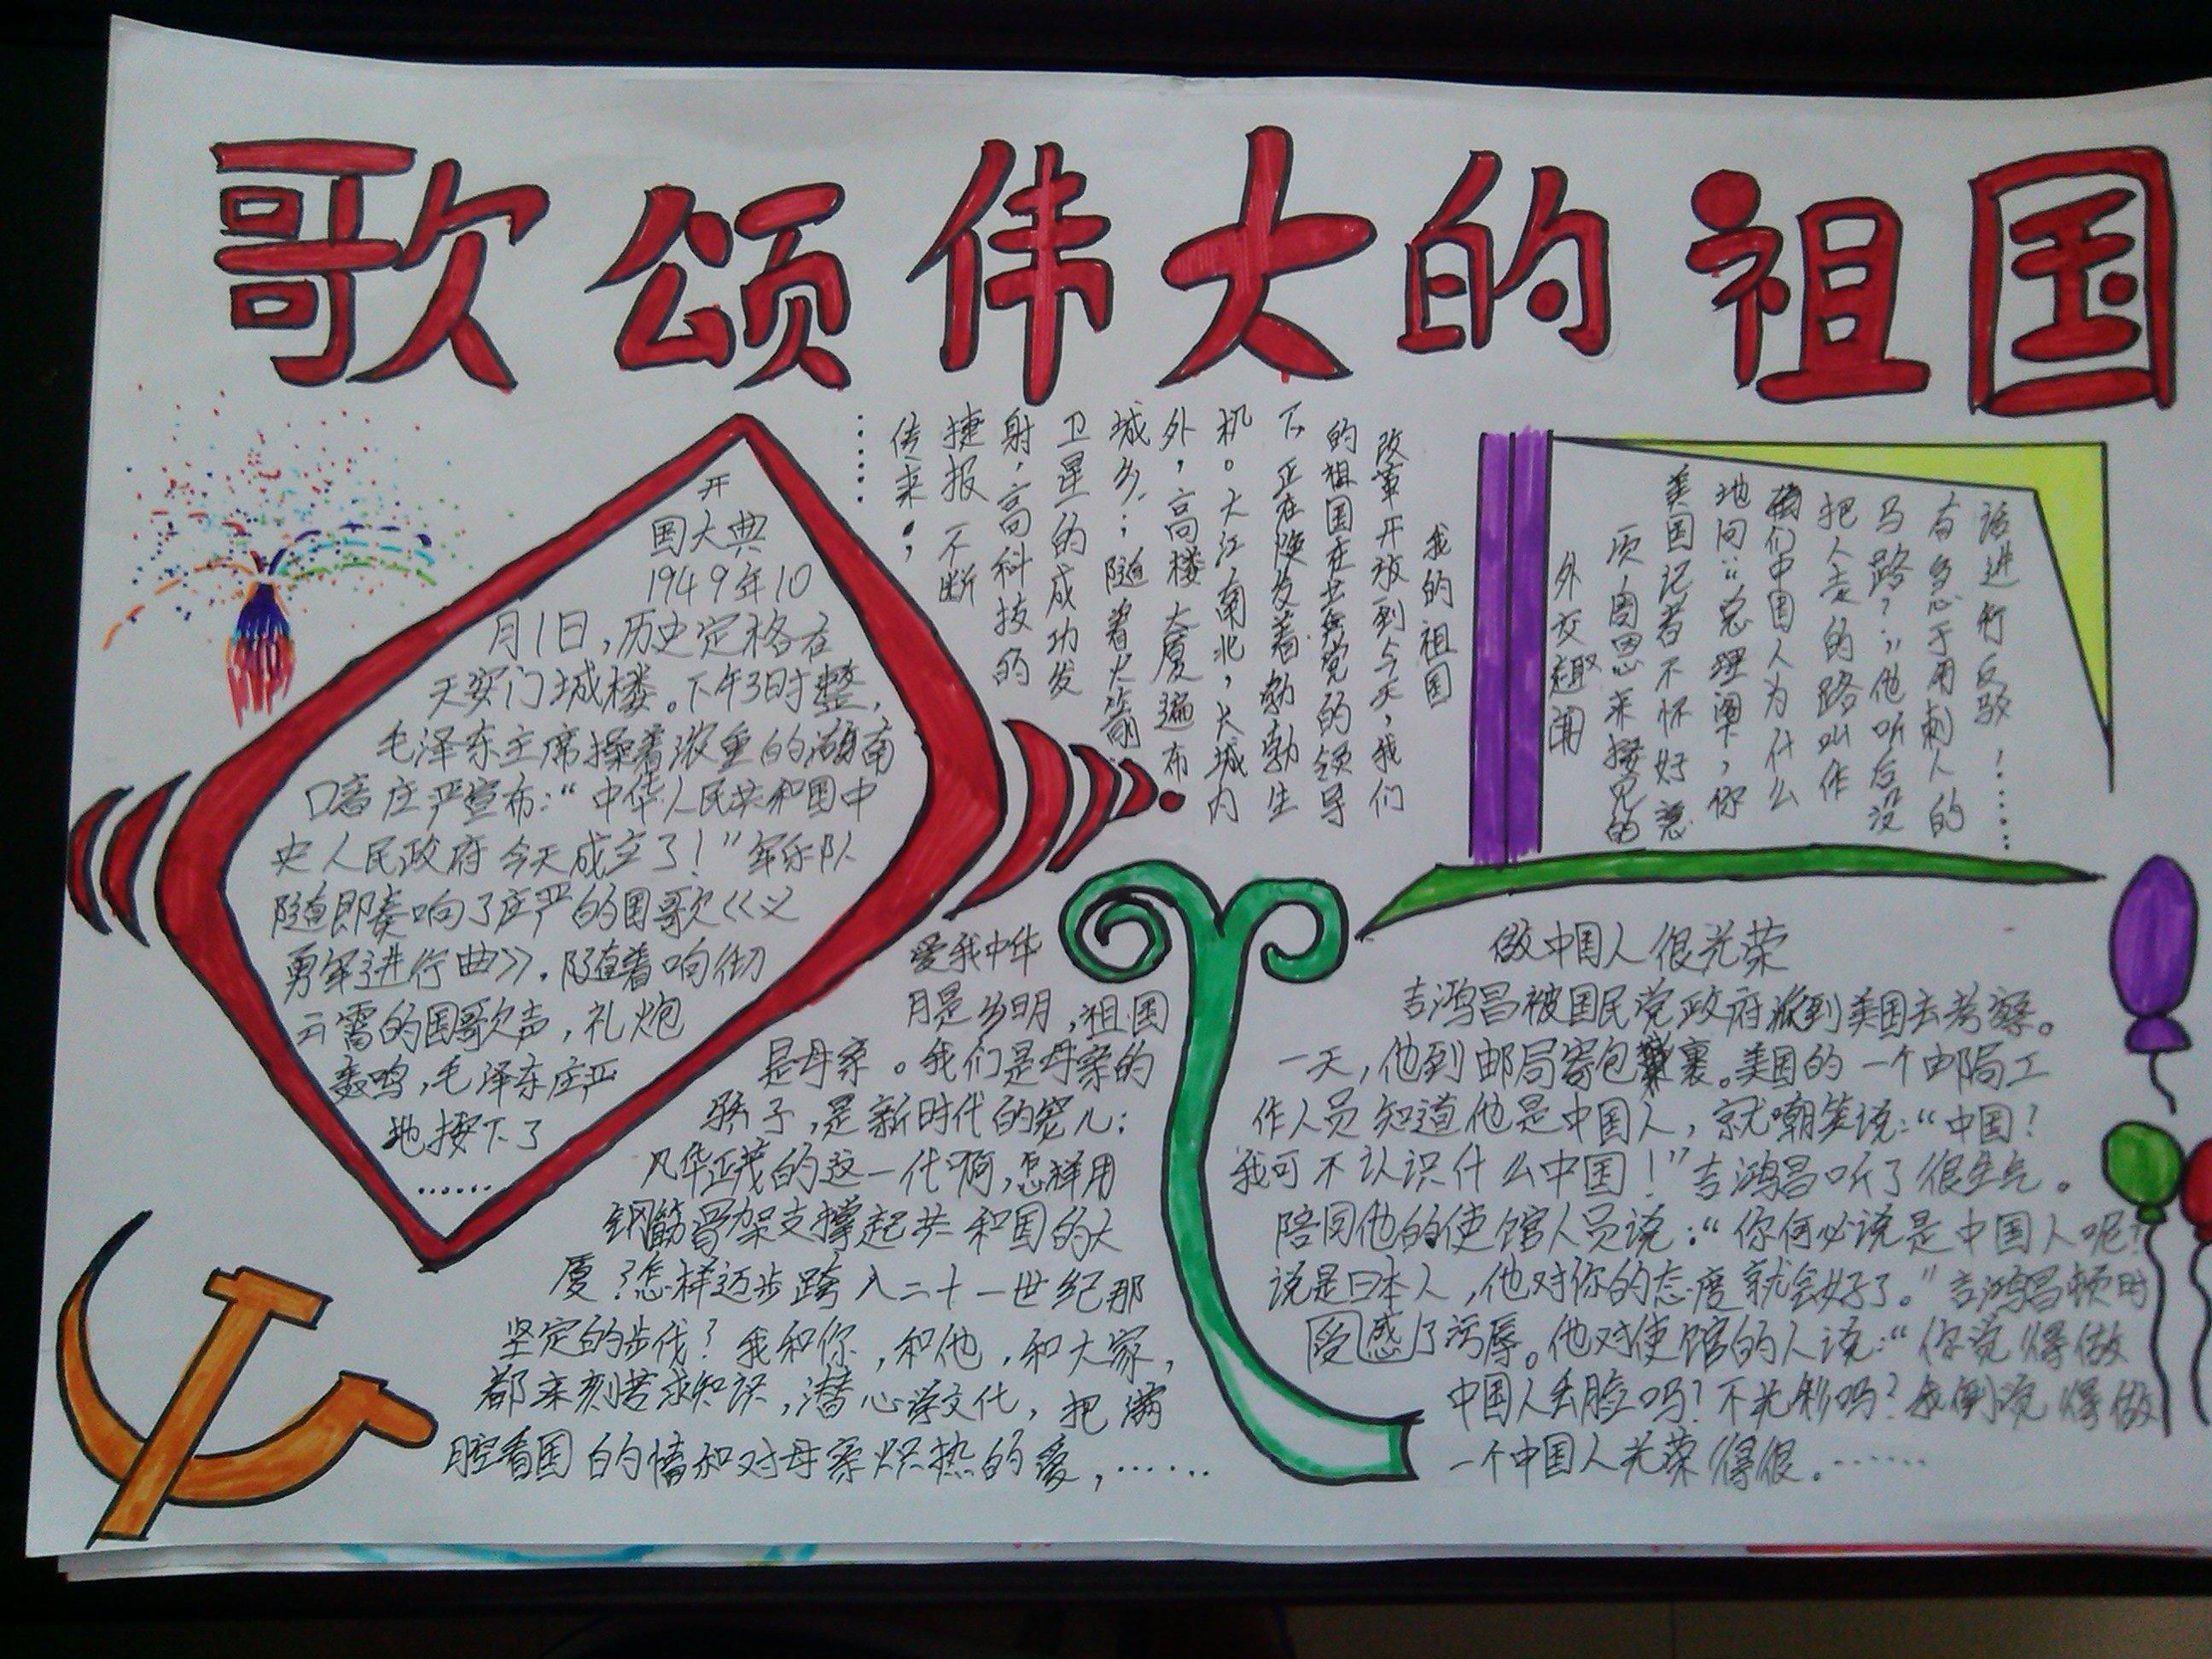 狼王梦手抄报内容摘抄